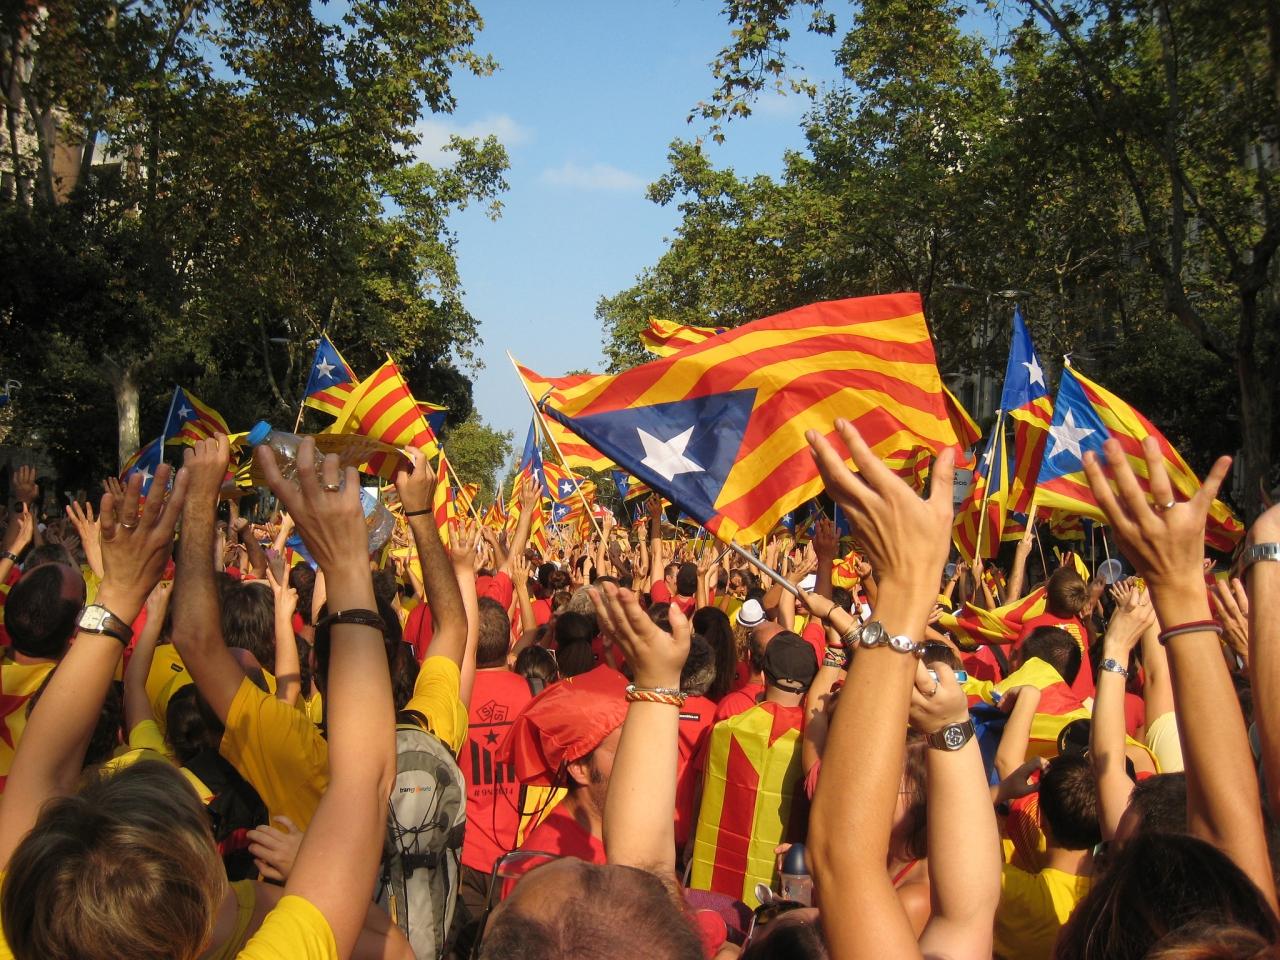 加泰羅尼亞在2014年上一次獨立公投前的示威。(Joan Campderrós-i-Canas / Flickr)